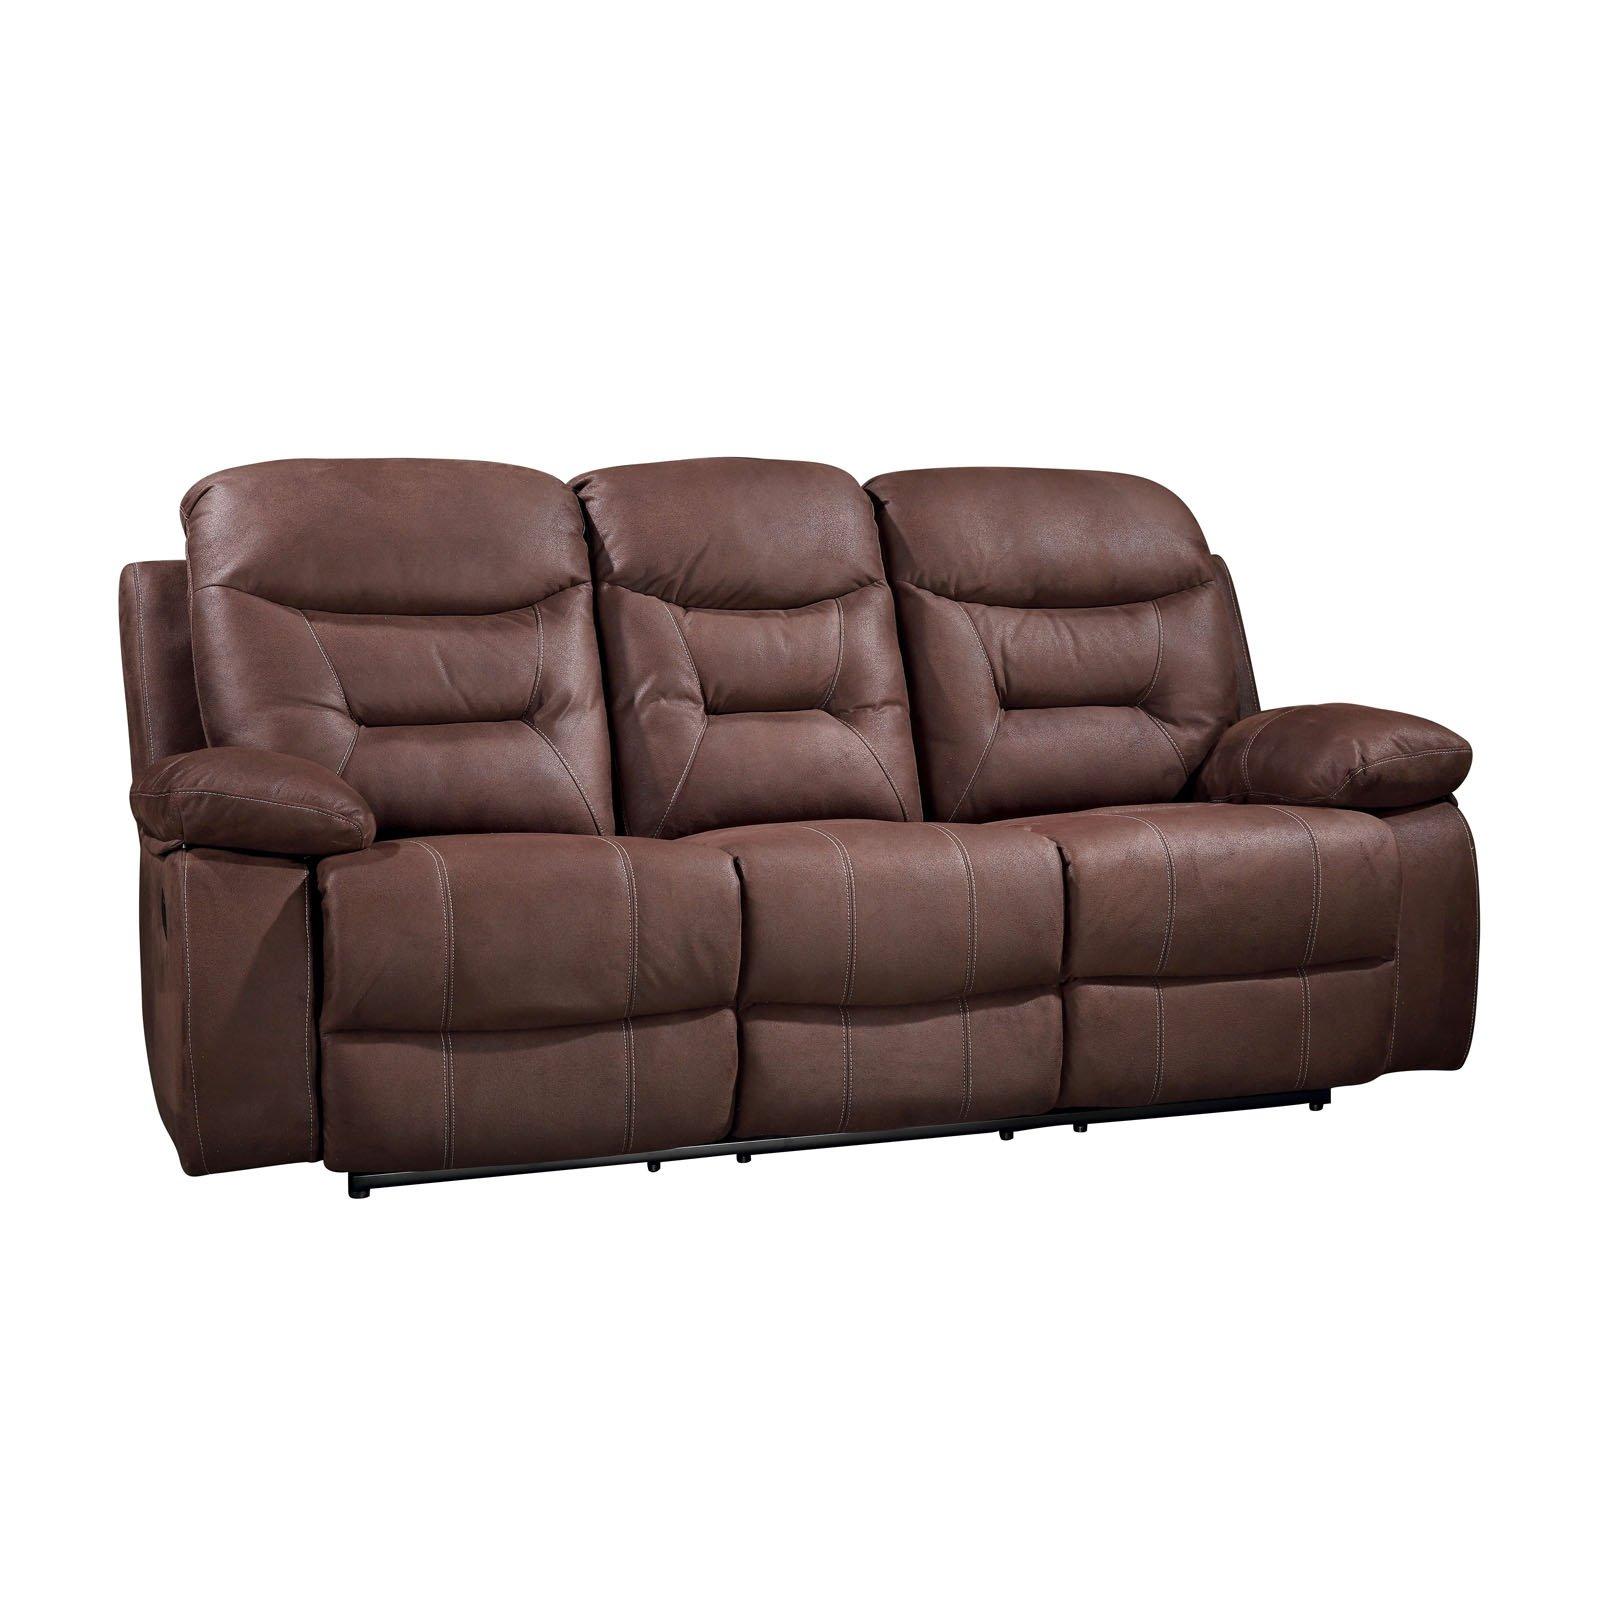 Full Size of 3 Sitzer Sofa Mit Relaxfunktion Greta Braun Sb Lagerkauf Bettfunktion Günstige Led Koinor Ligne Roset 2 Schlaffunktion Elektrischer Sitztiefenverstellung Sofa 3 Sitzer Sofa Mit Relaxfunktion